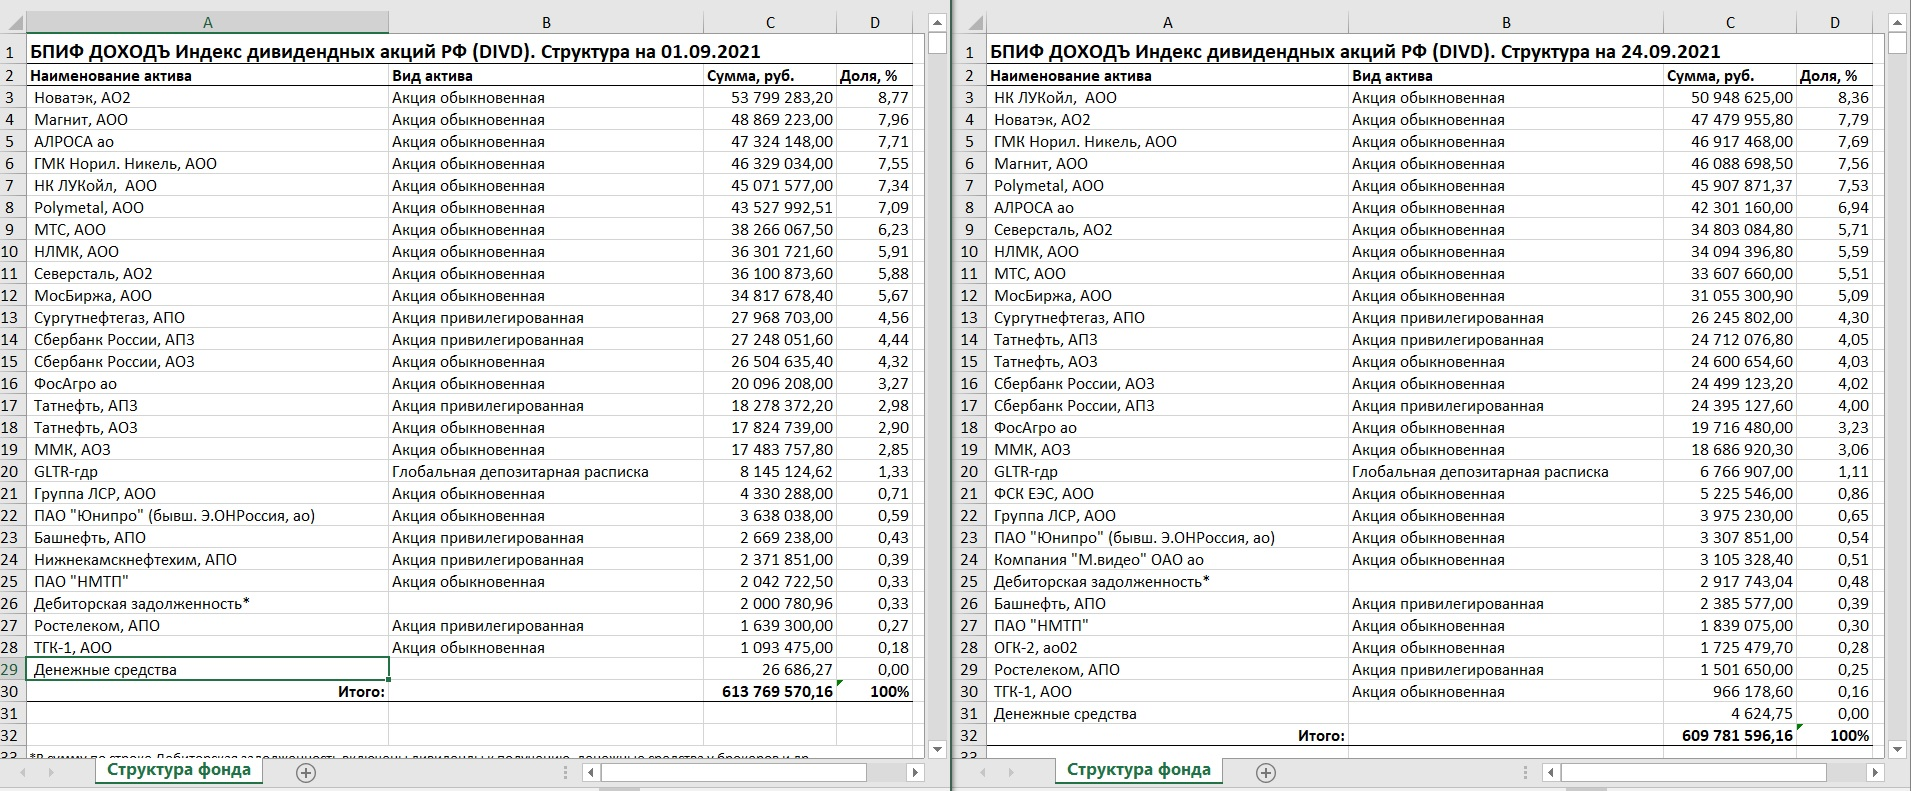 Изменения в индексе IRDIVTR